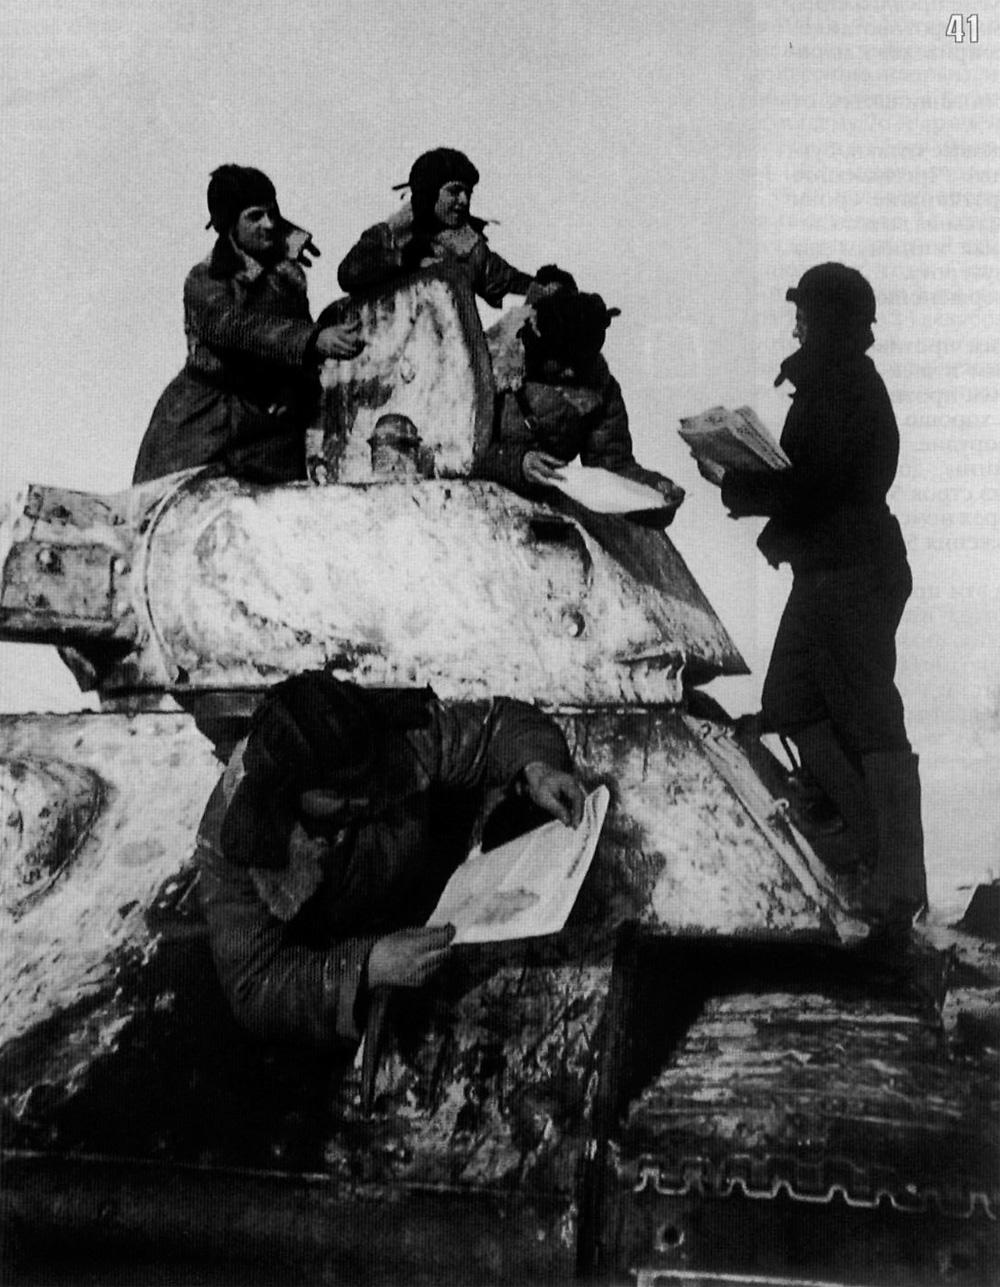 Боевой путь носкова ни в составе 3-й гвардейской танковой армии под командованием рыбалко